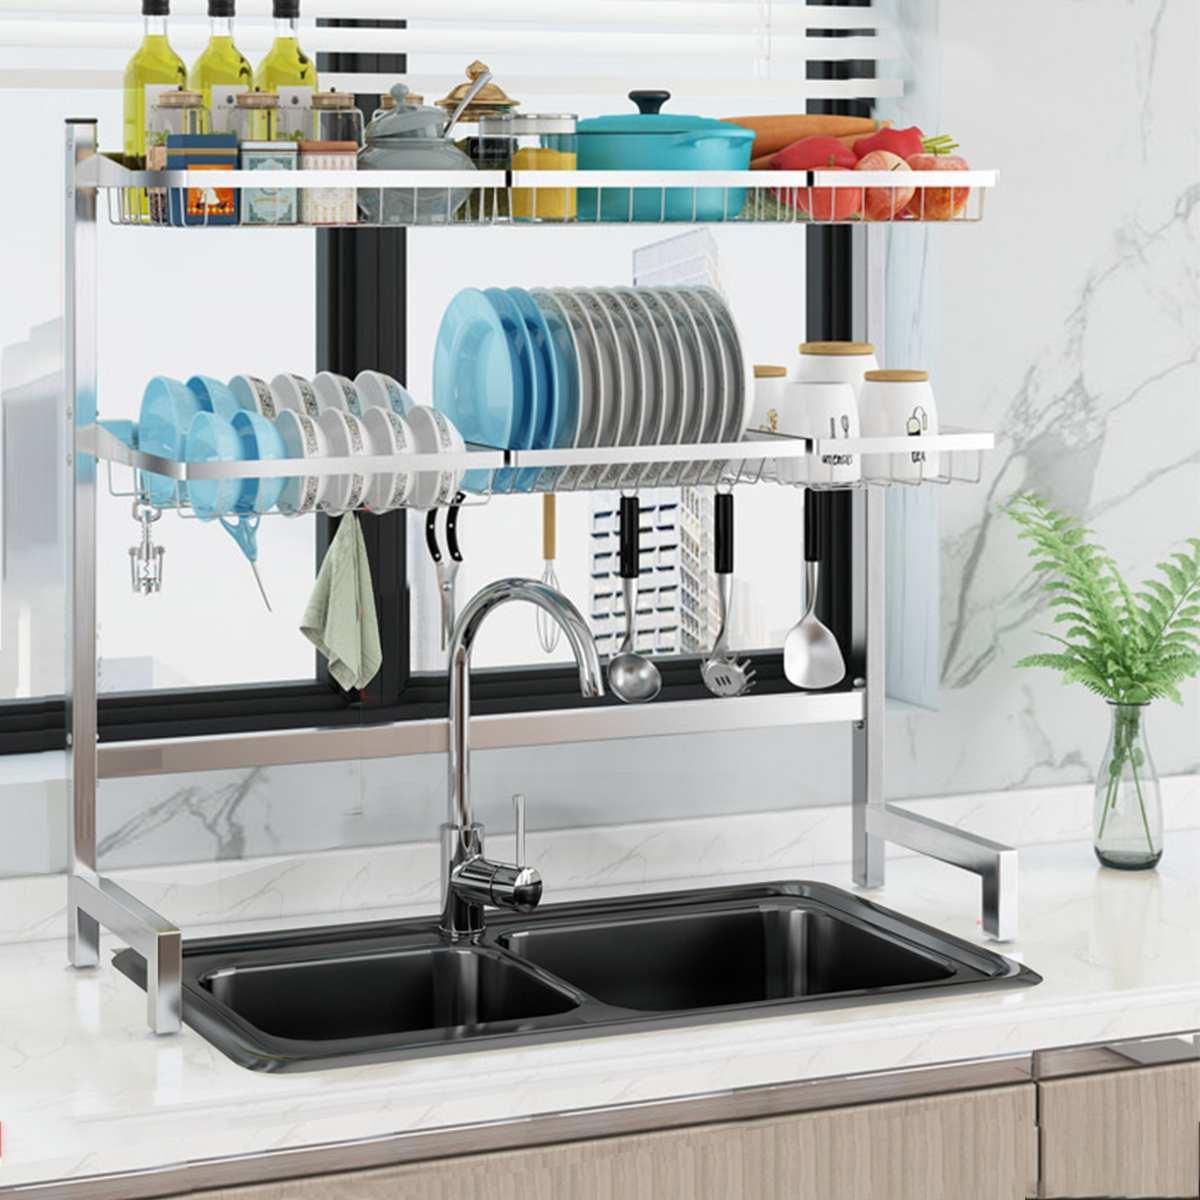 2 طبقات الفولاذ المقاوم للصدأ أطباق الرف المزدوج بالوعة استنزاف الرف متعددة الاستخدام المطبخ المنظم رف طبق الرف على بالوعة تجفيف الرف حامل